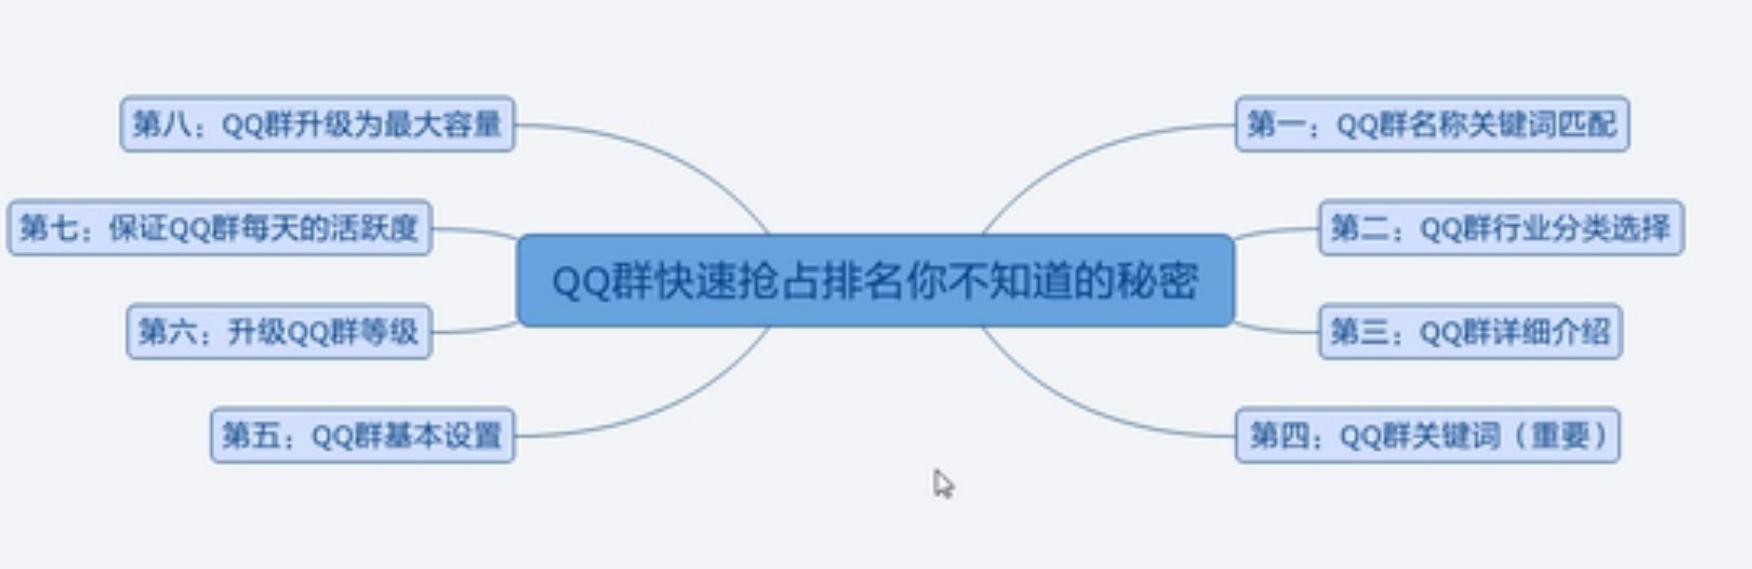 QQ群排名规则优化,打造自己的鱼塘